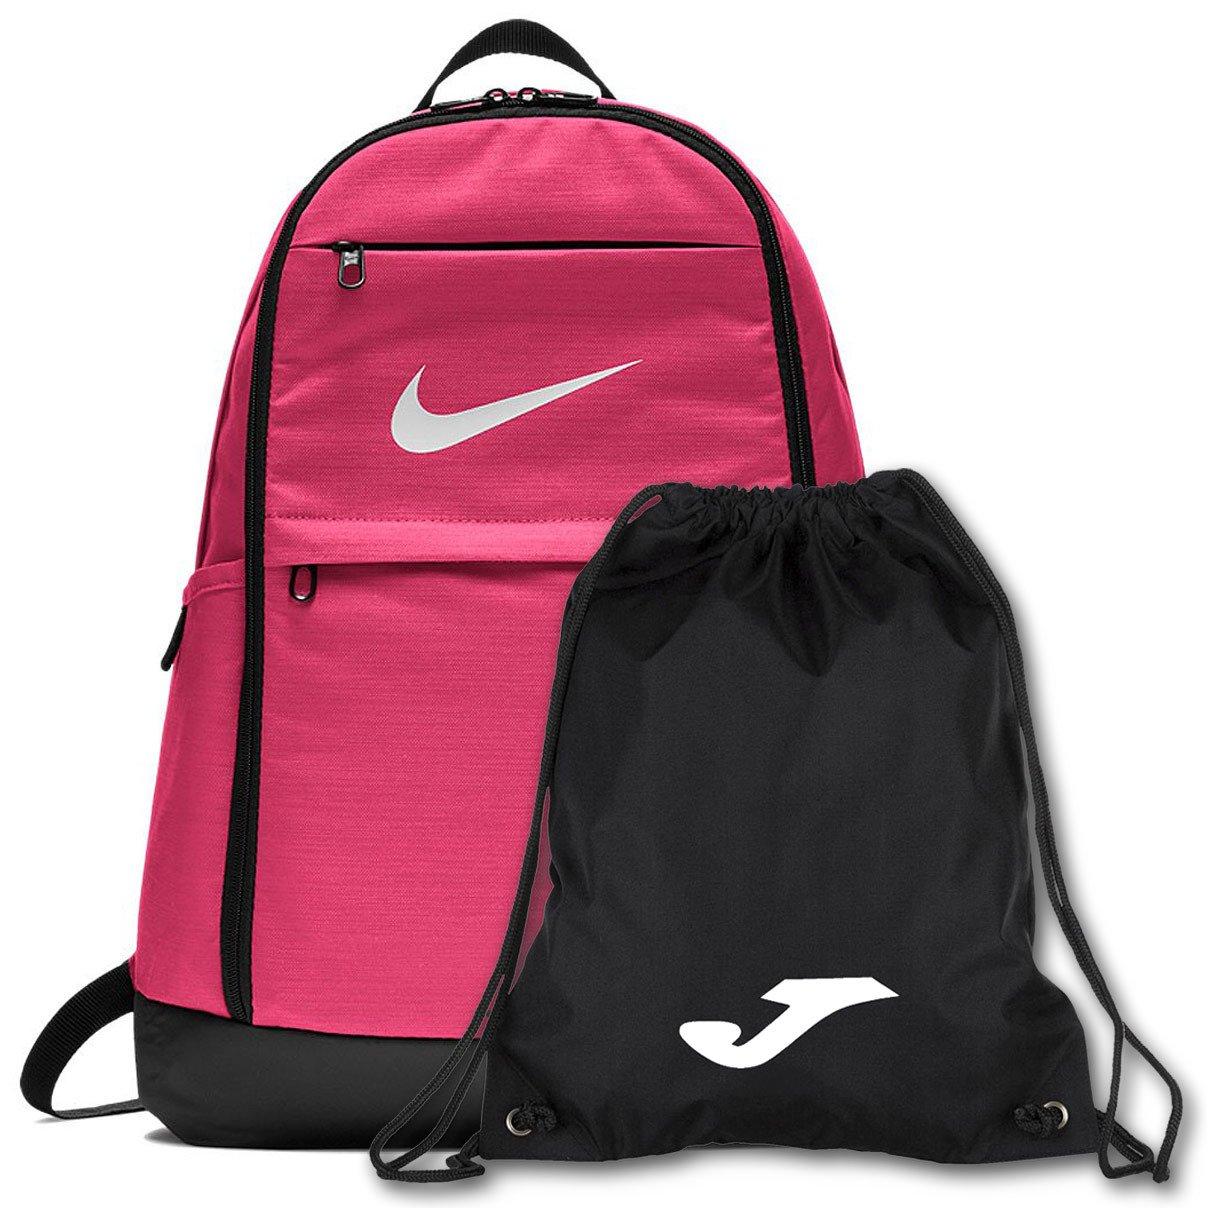 dostać nowe nowy wygląd Najlepiej Różowy plecak szkolny Nike Brasilia BA5892-699 + Worek na buty JOMA